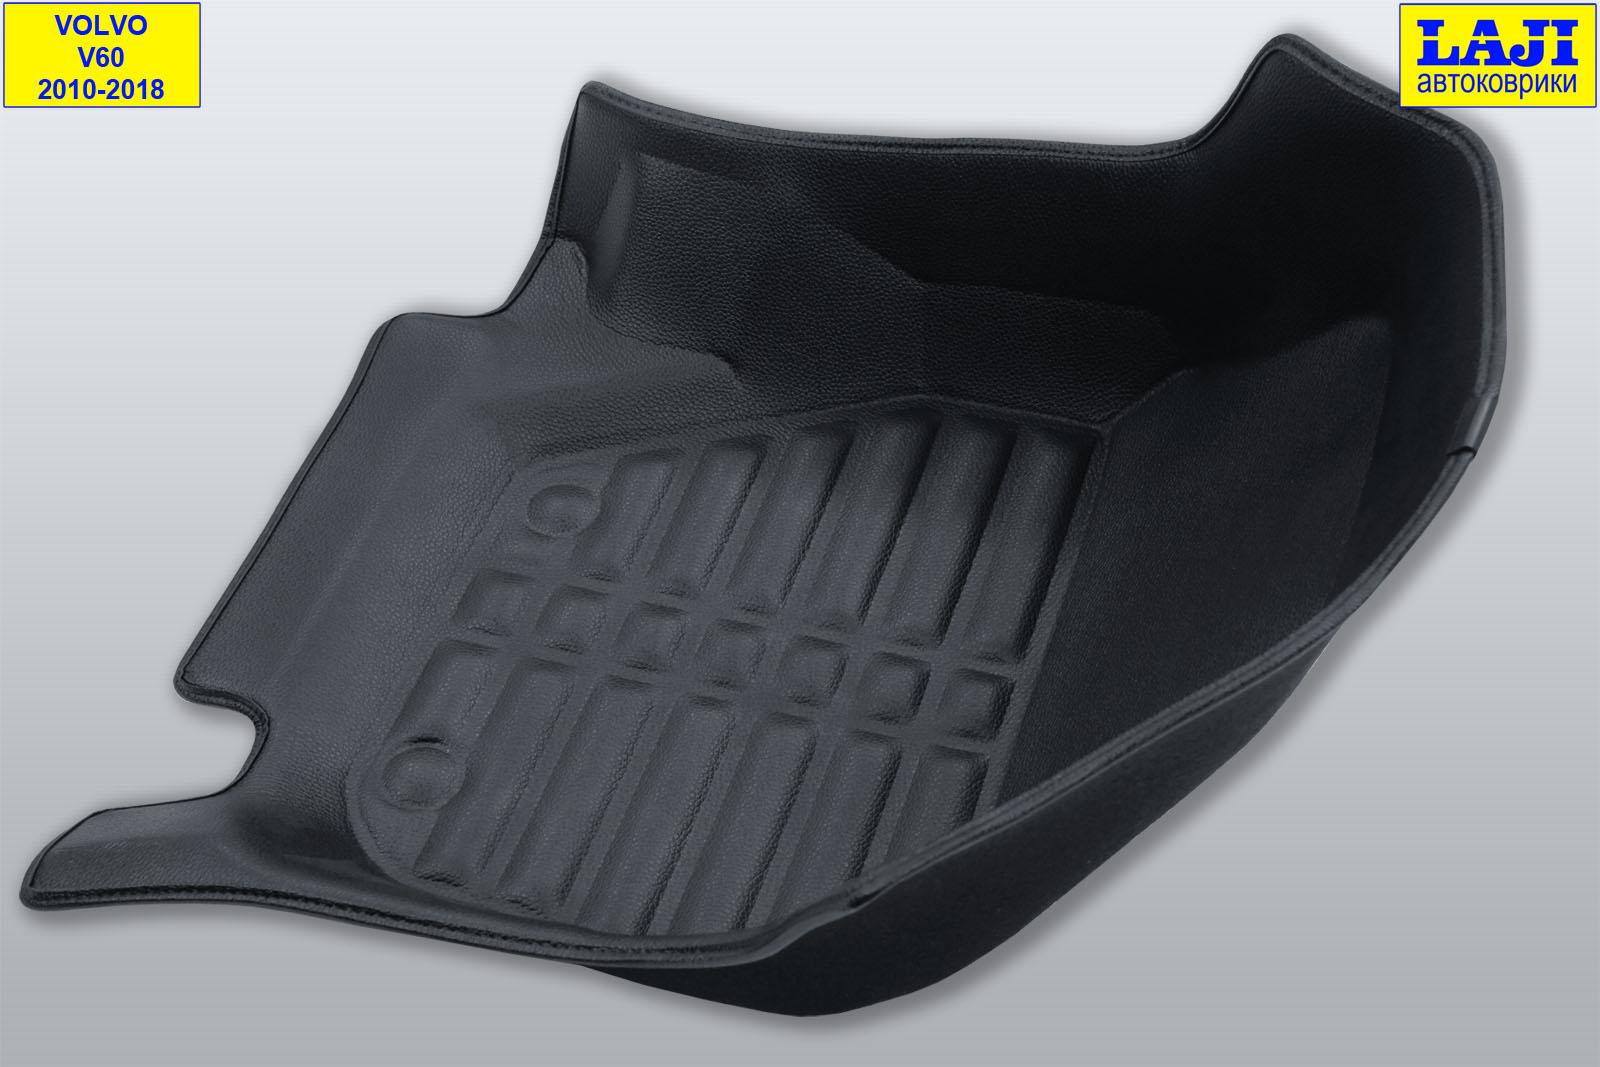 5D коврики в салон Volvo V60 I 2010-2018 5